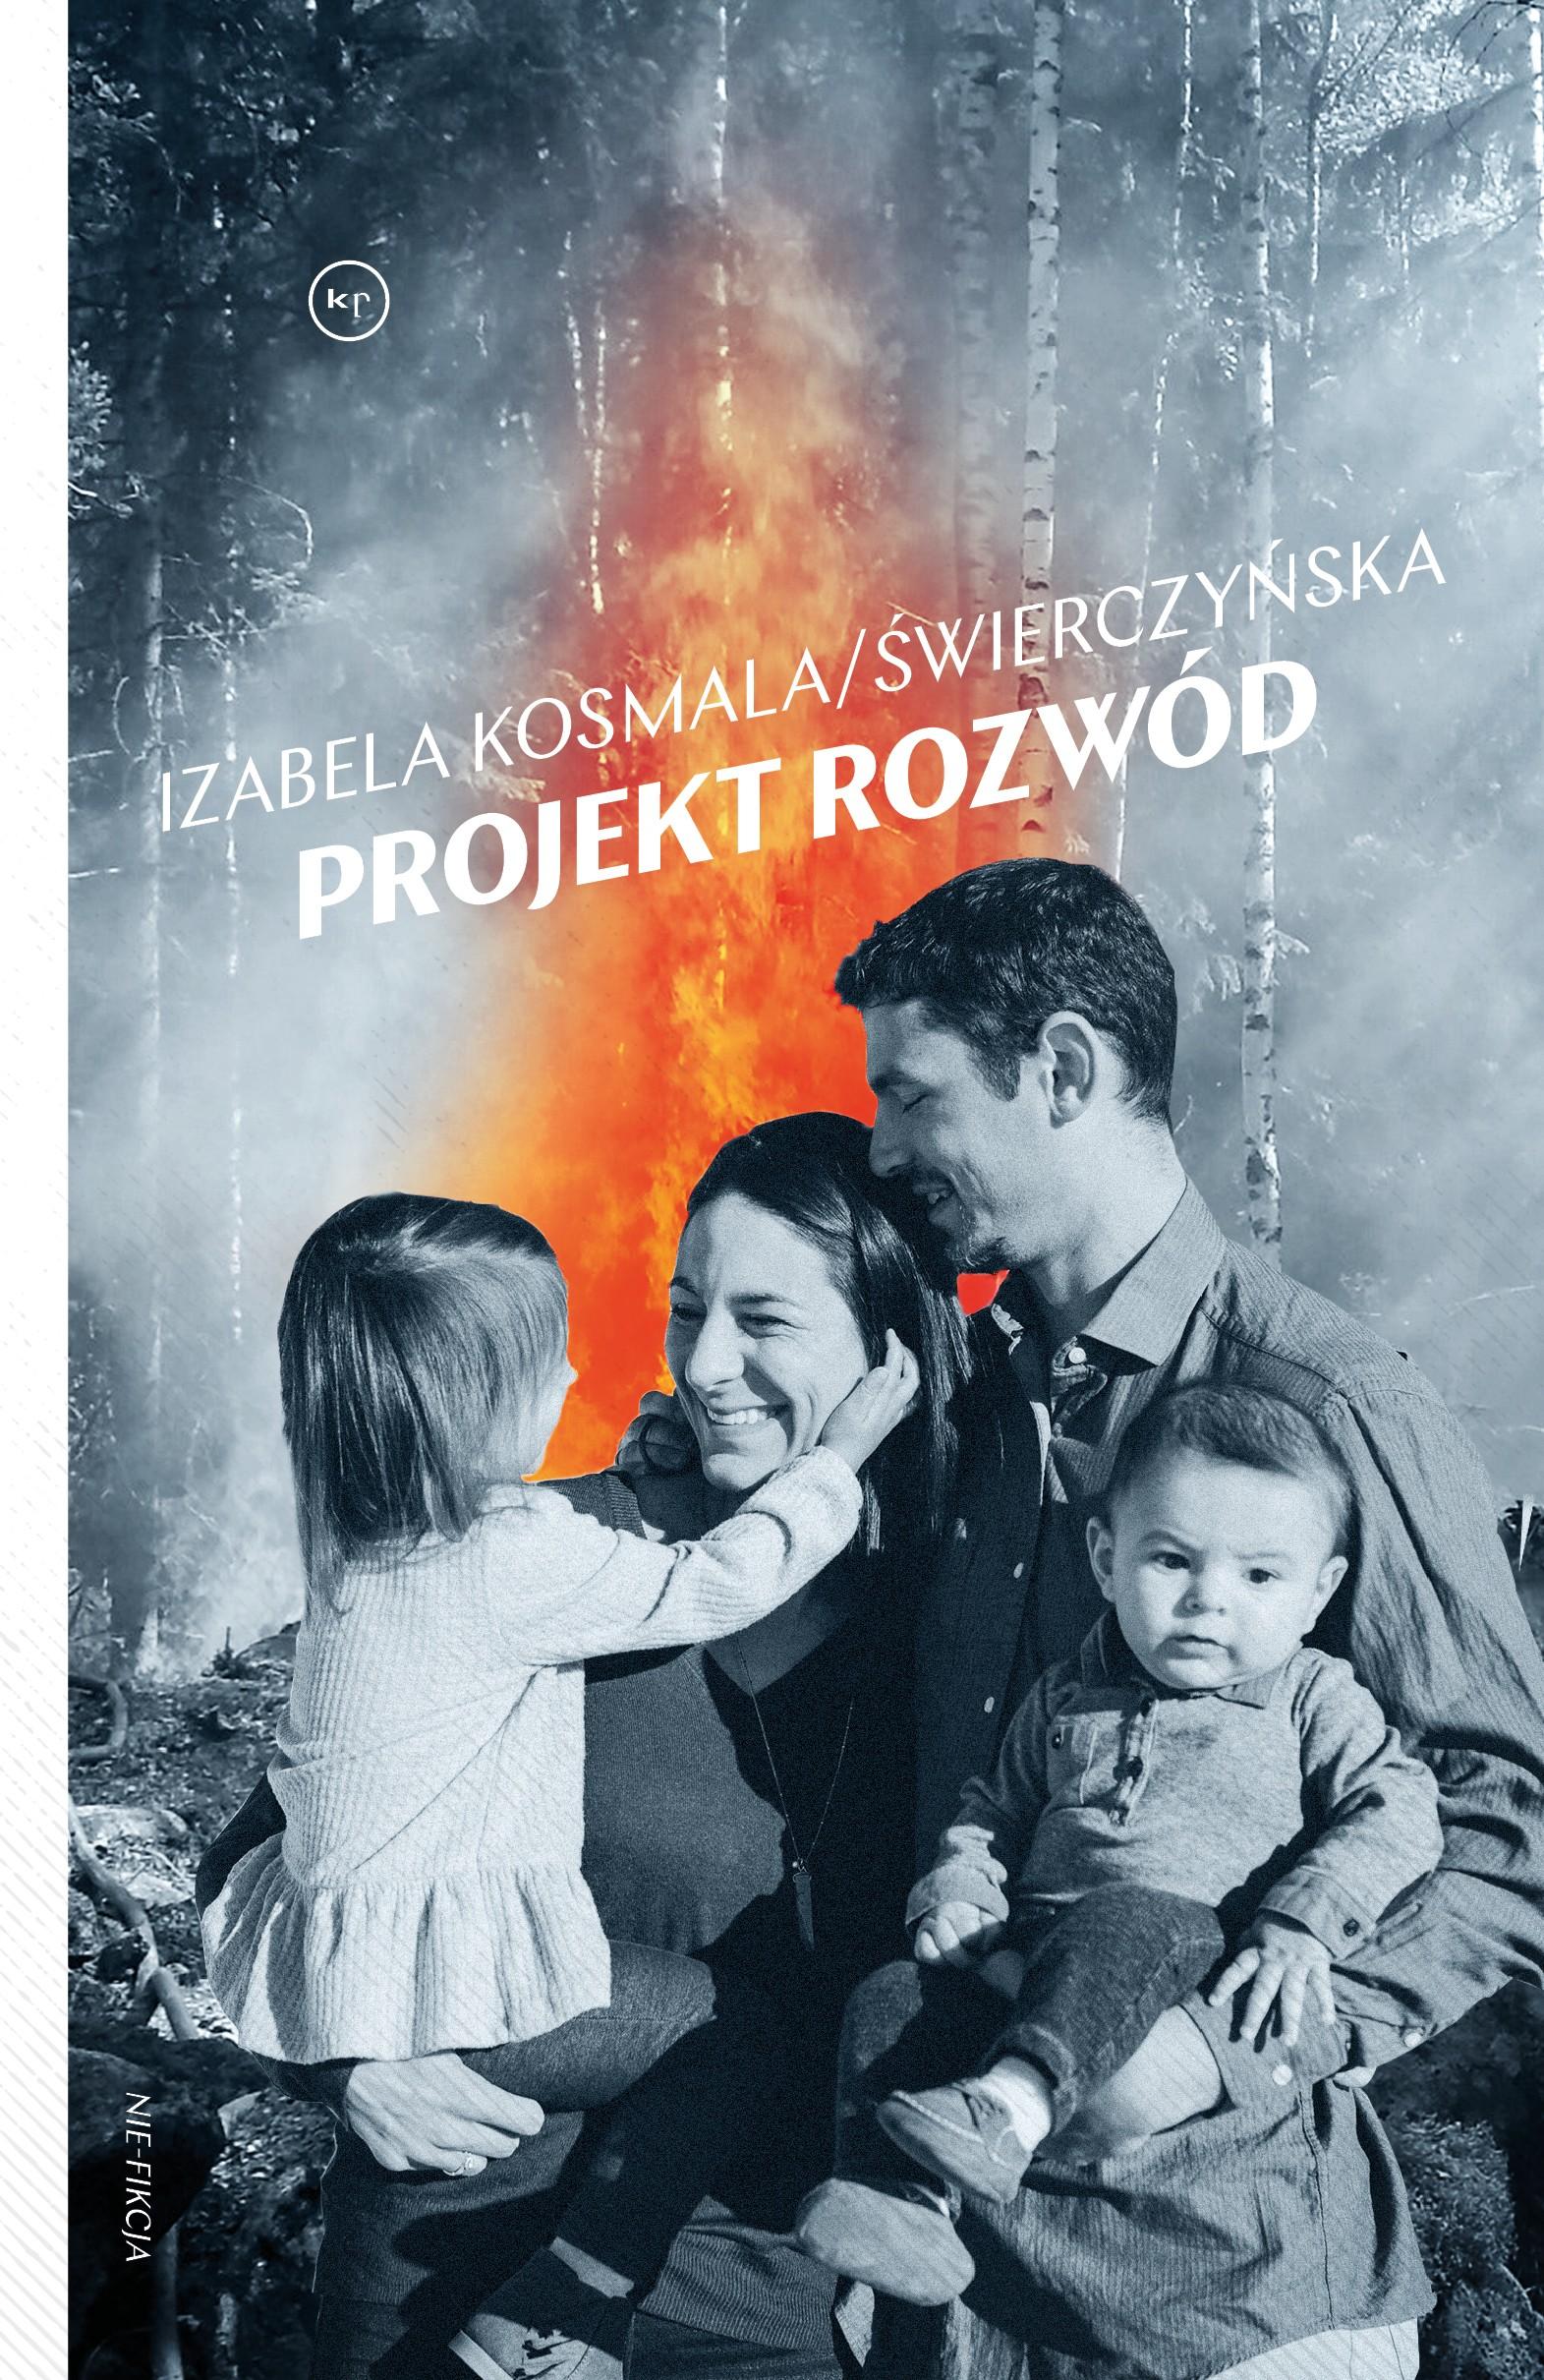 Izabela Kosmala/Świerczyńska: Projekt rozwód